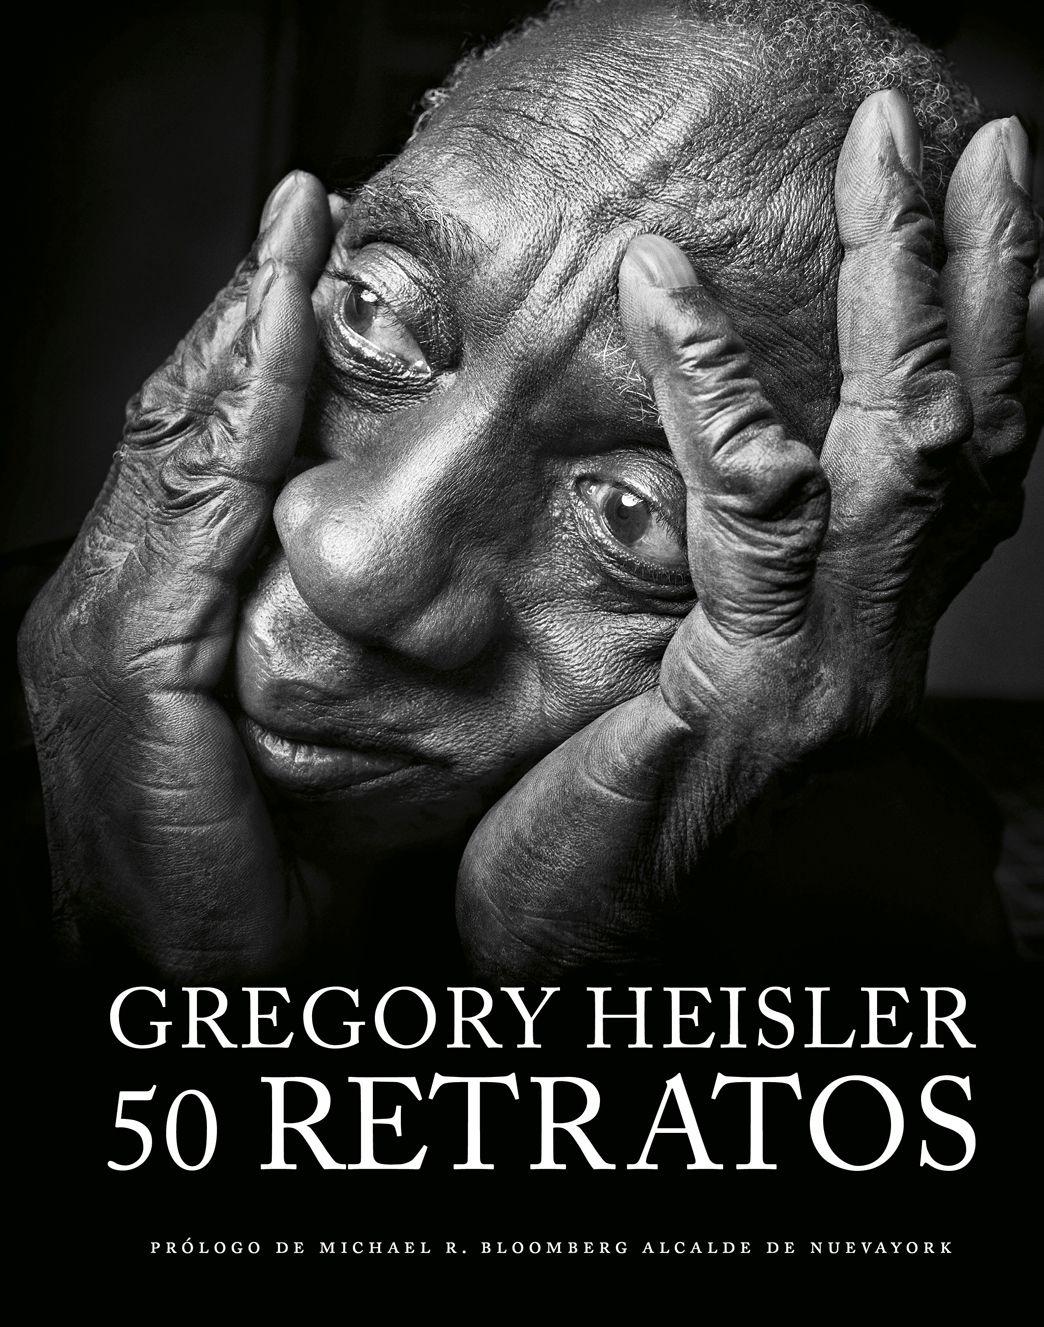 50 retratos de Gregory Heisler.   Para sus admiradores, y para los amantes de la fotografía en general, 50 Retratos ofrece una maravillosa colección de imágenes, tanto en blanco y negro como en color, además de una mirada irrepetible, pocas veces vista sobre el arte de la fotografía: la mirada de un maestro en acción.